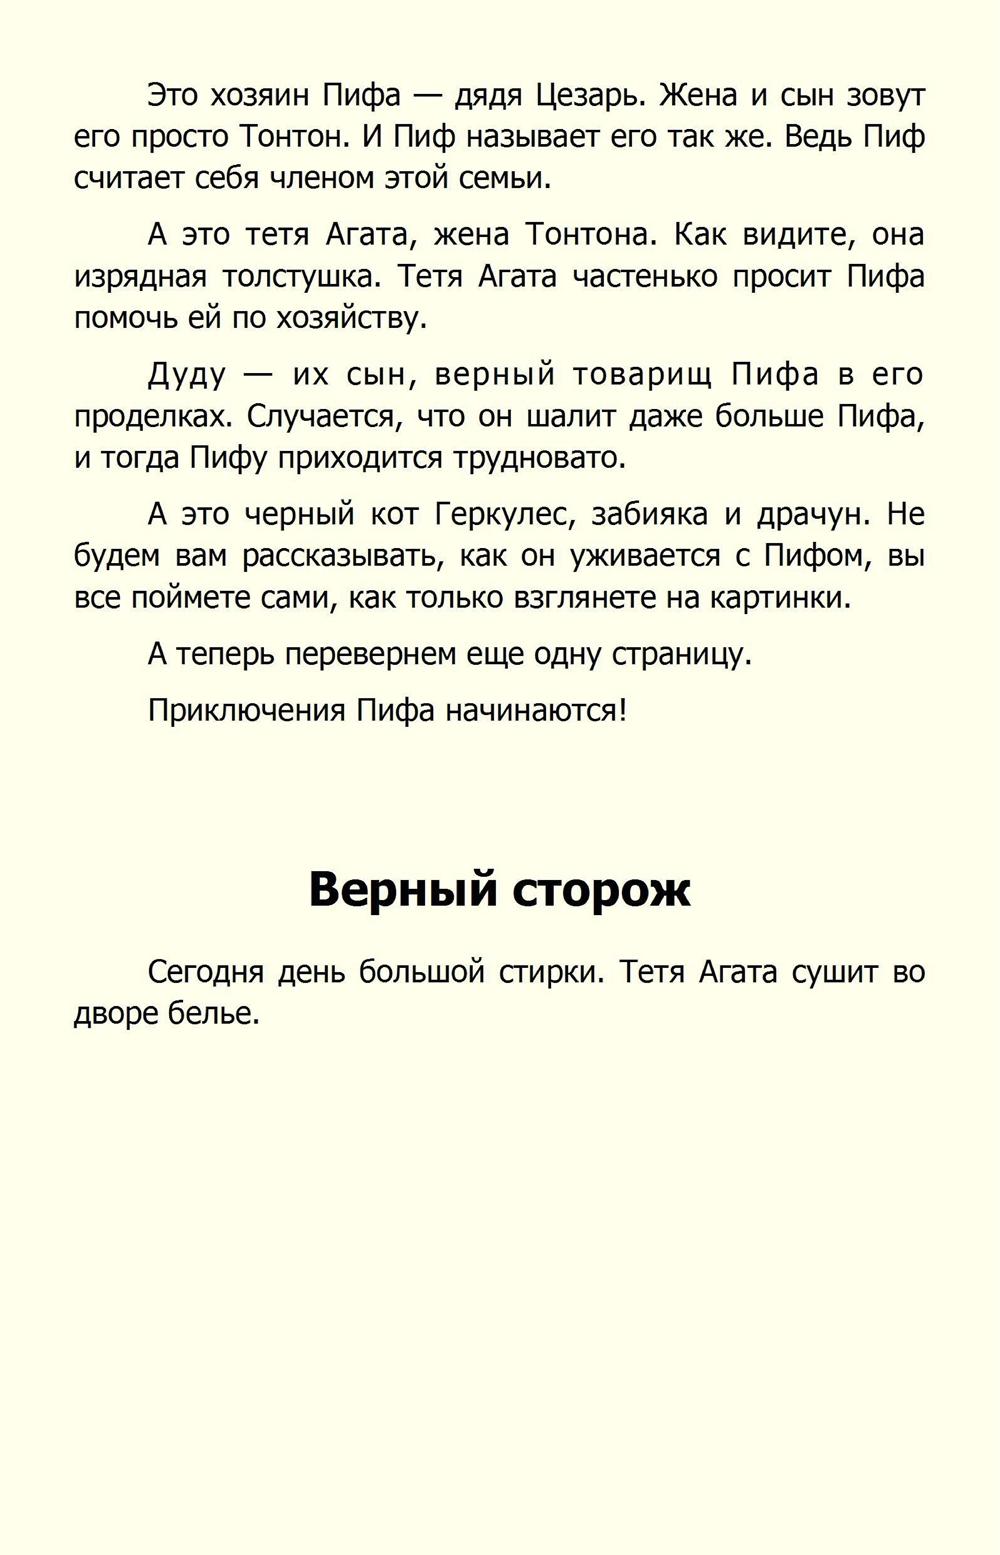 http://ipic.su/img/img7/fs/Pif_RG.1597060495.jpg